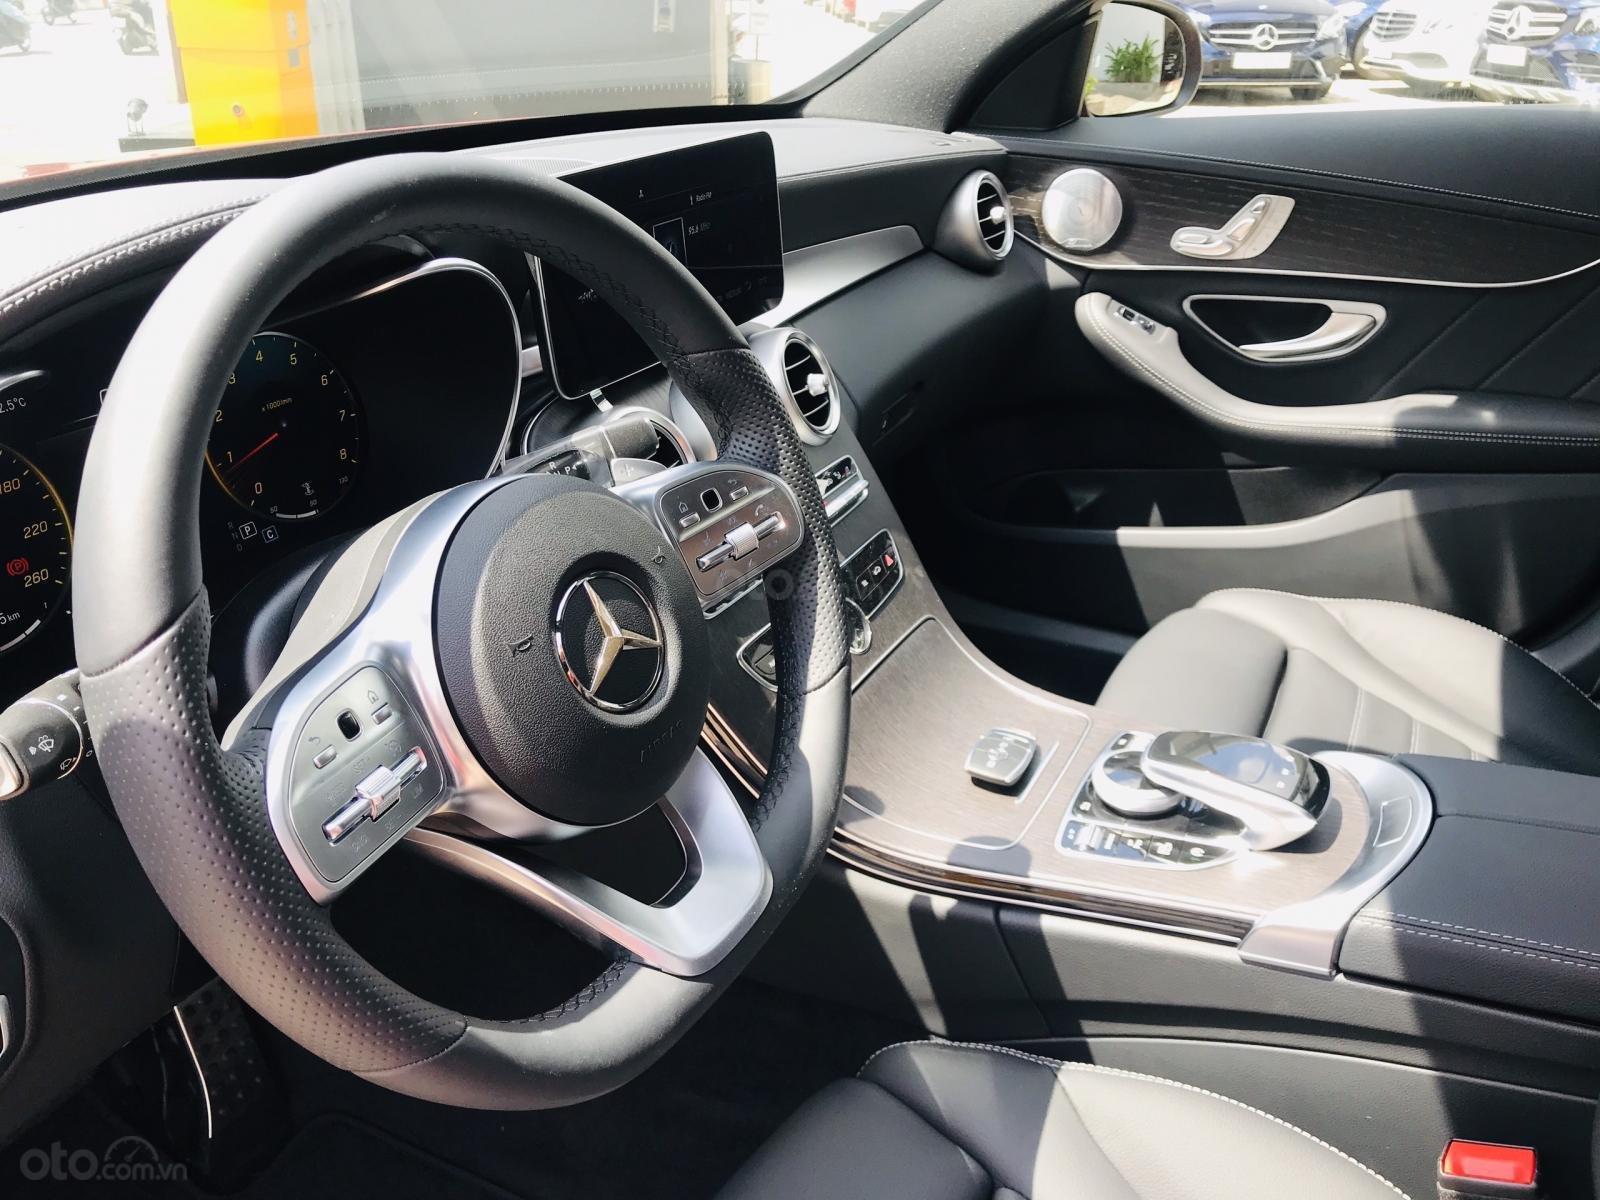 [Thanh lý xe demo] chính hãng thanh lý xe c300 giá cực tốt. Xe mới, giá cũ, tiết kiệm 400 triệu (11)